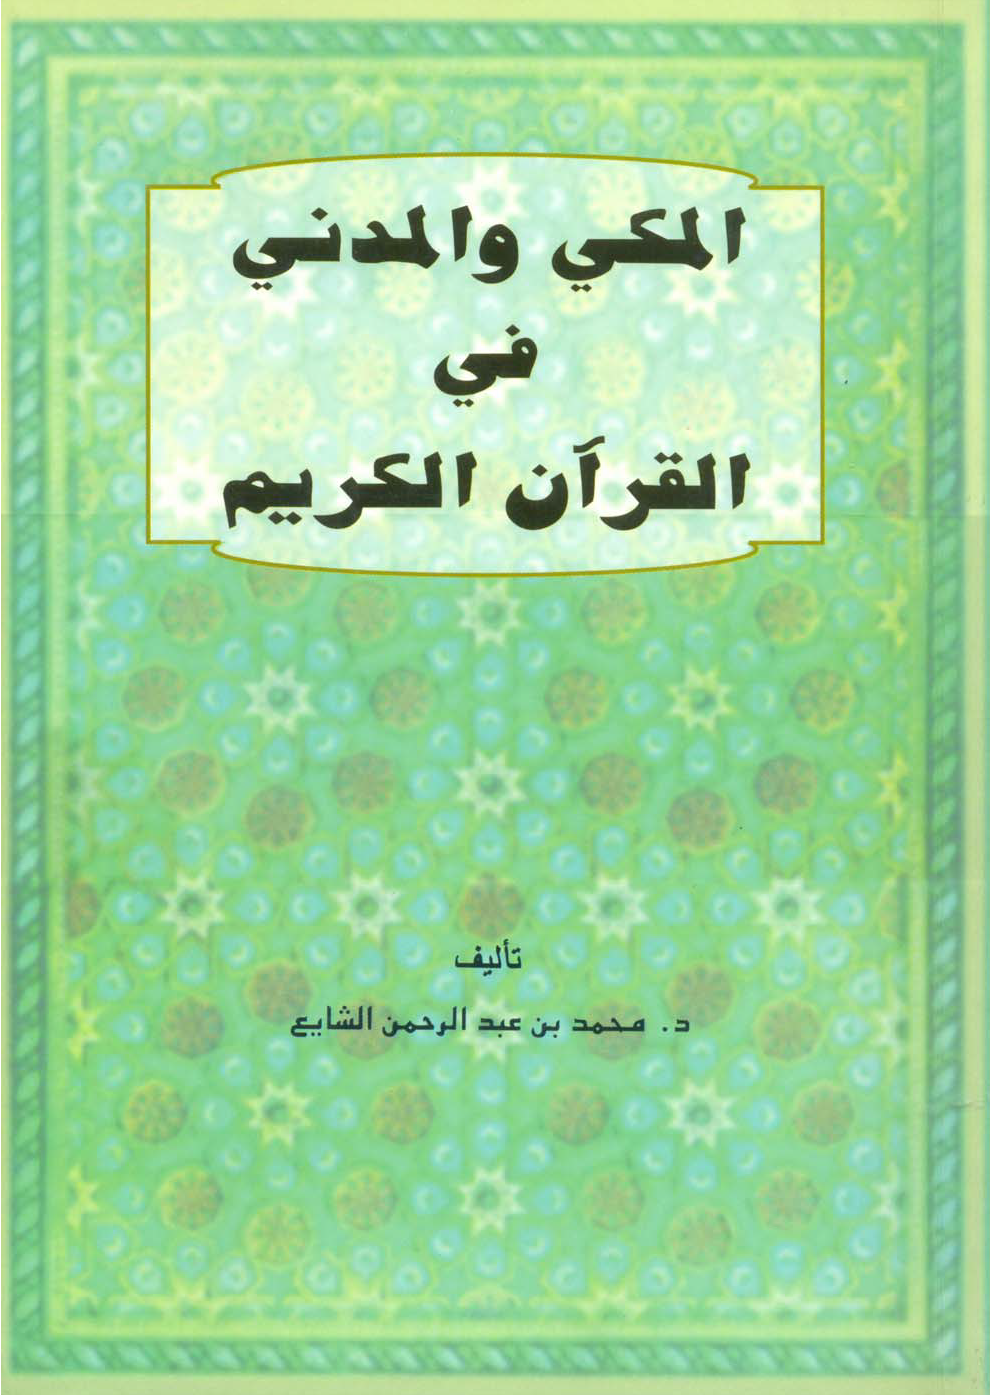 تحميل كتاب المكي والمدني في القرآن الكريم لـِ: الدكتور محمد بن عبد الرحمن بن صالح الشايع